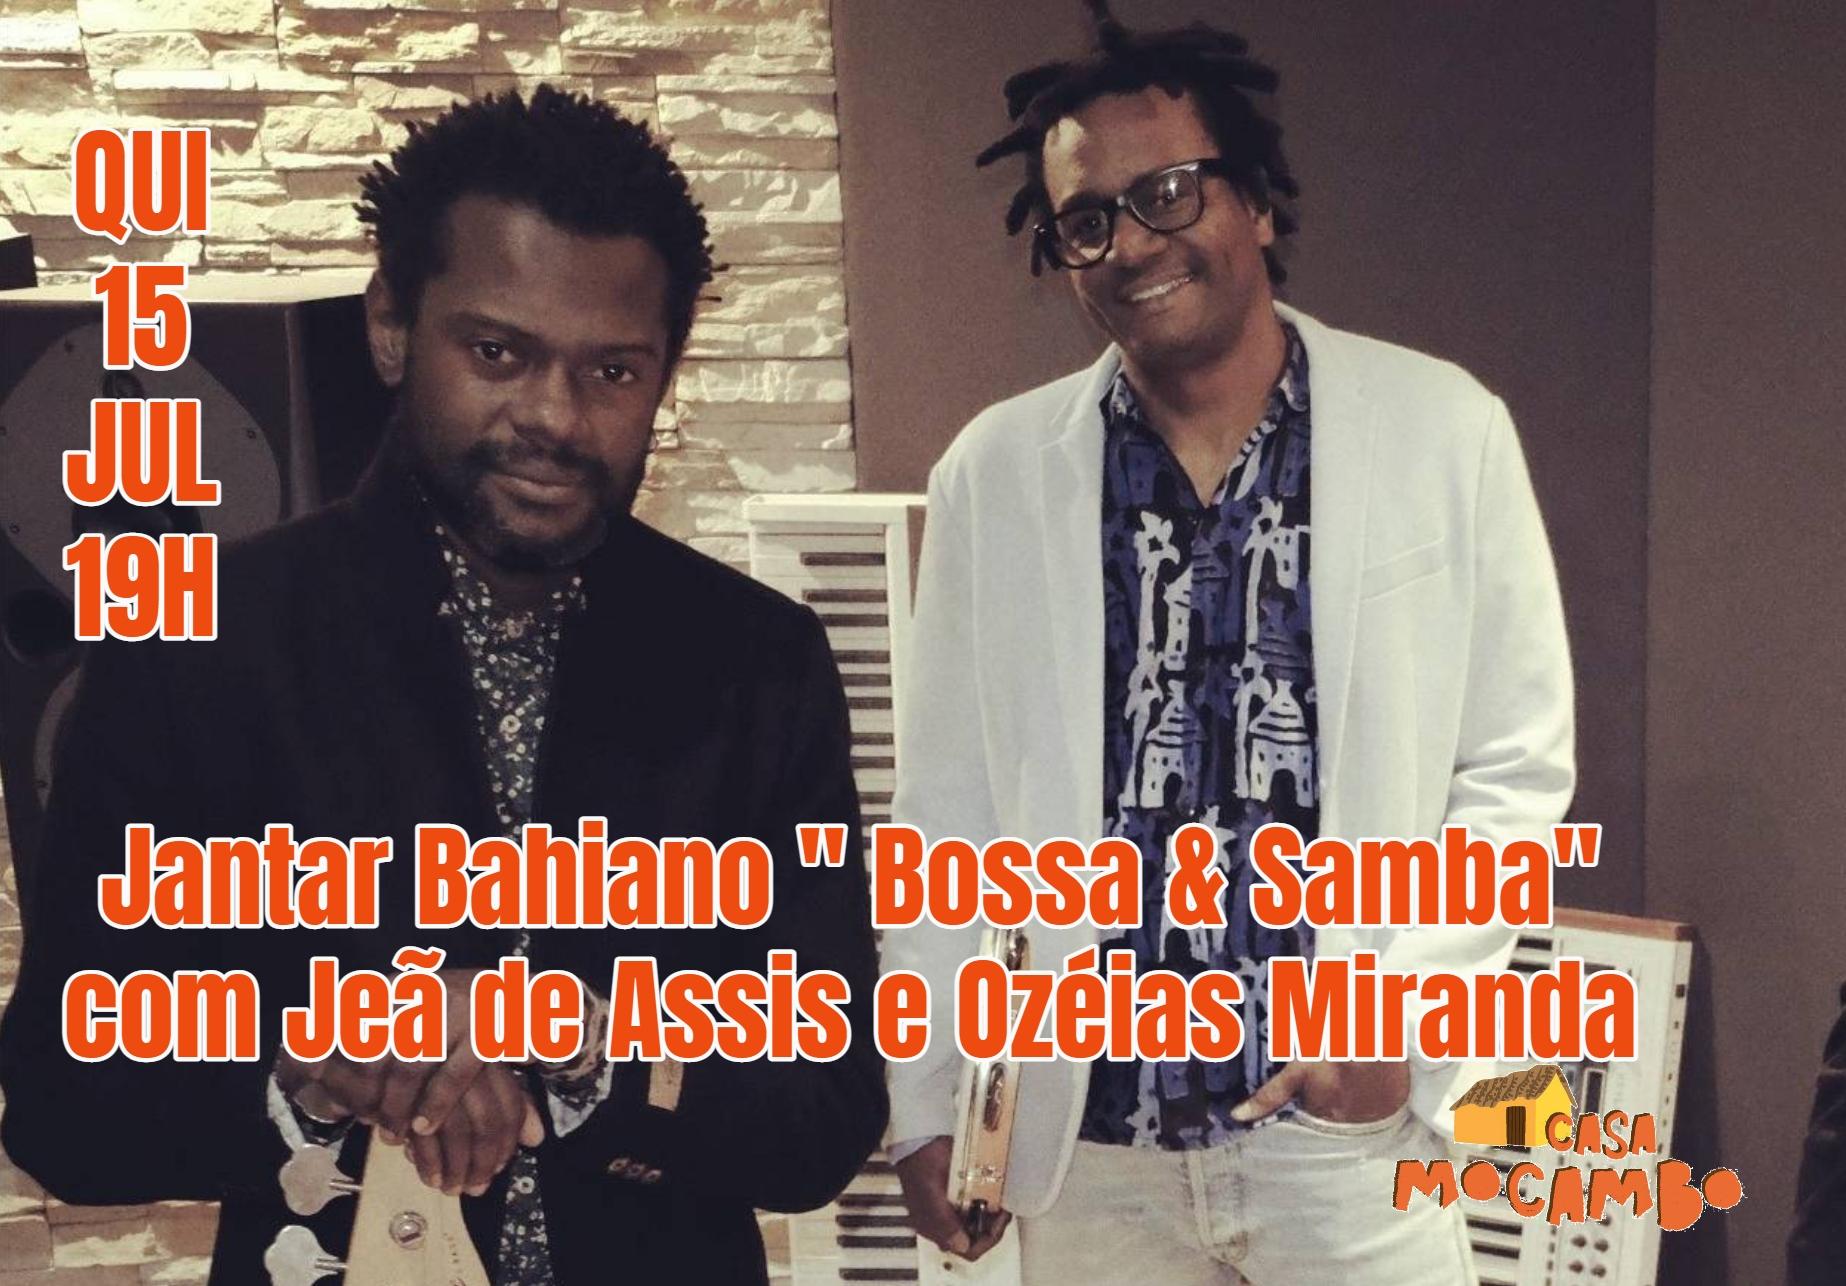 Jantar Bahiano ' Bossa & Samba' com Jeã de Assis e Ozéias Miranda